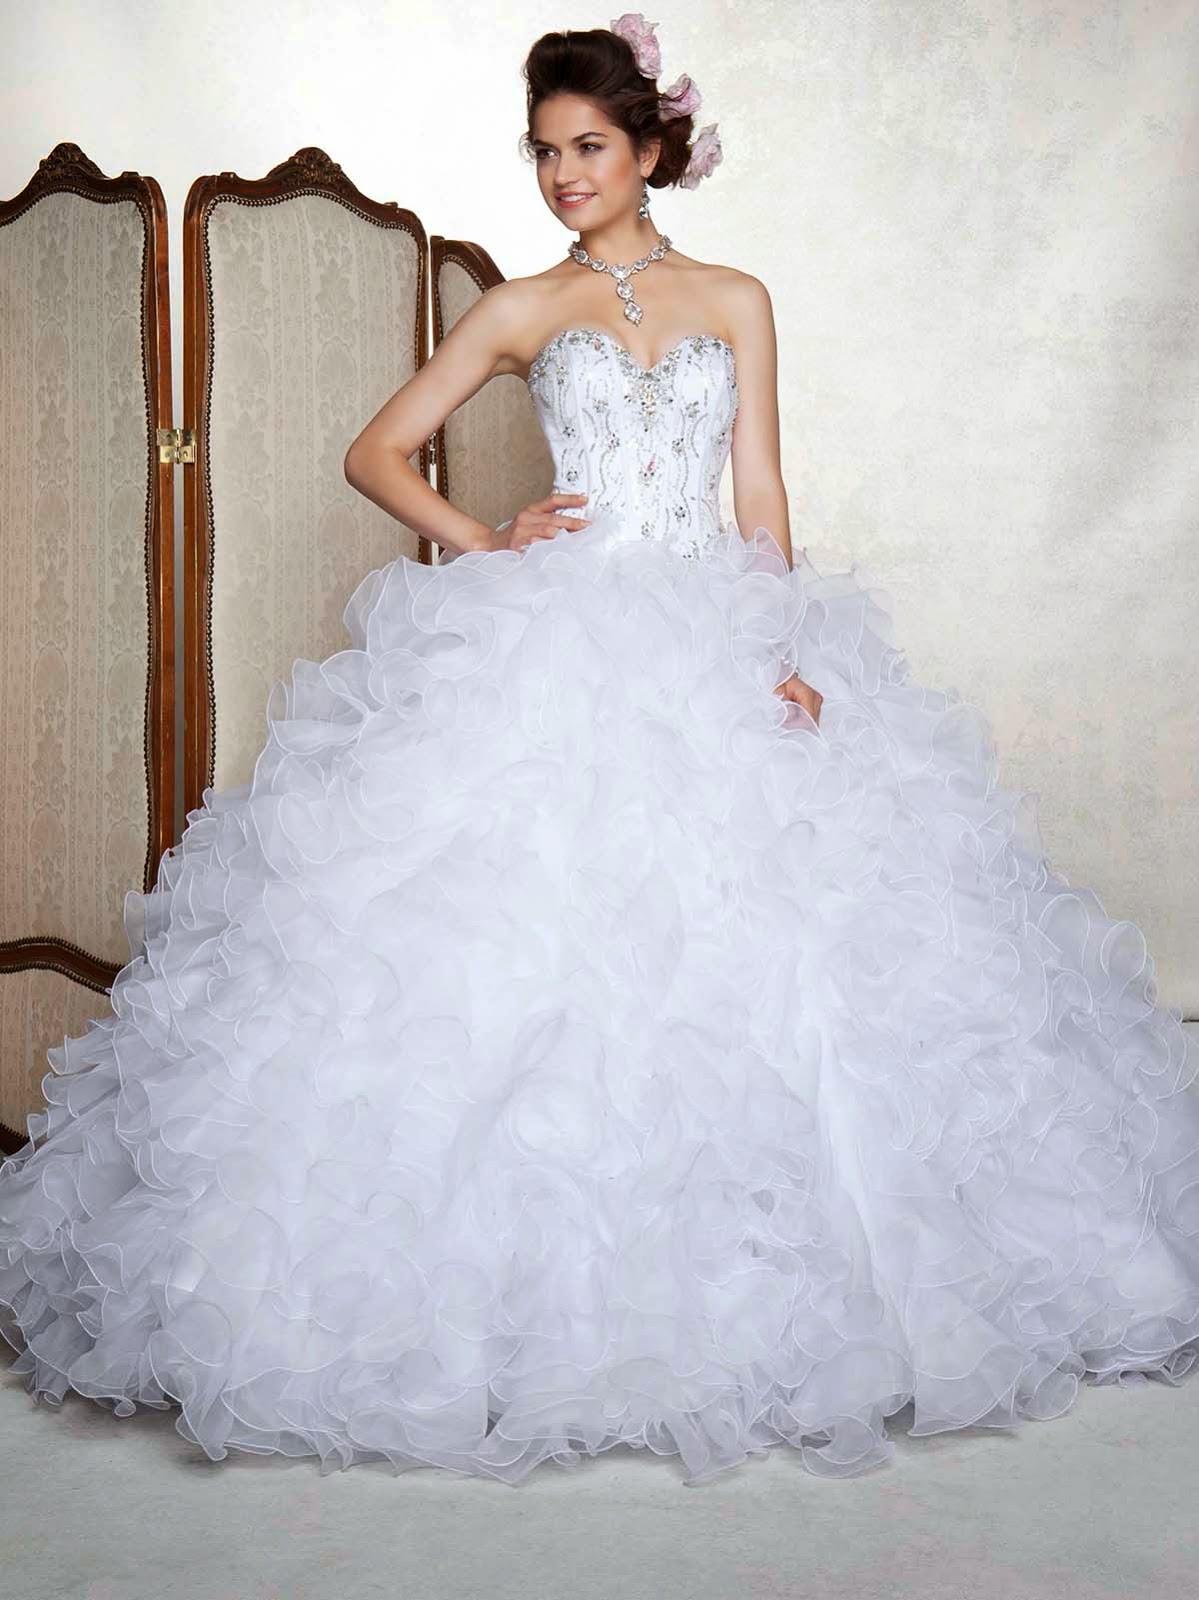 1962949877 Vestidos de xv blancos con pedreria – Vestidos baratos